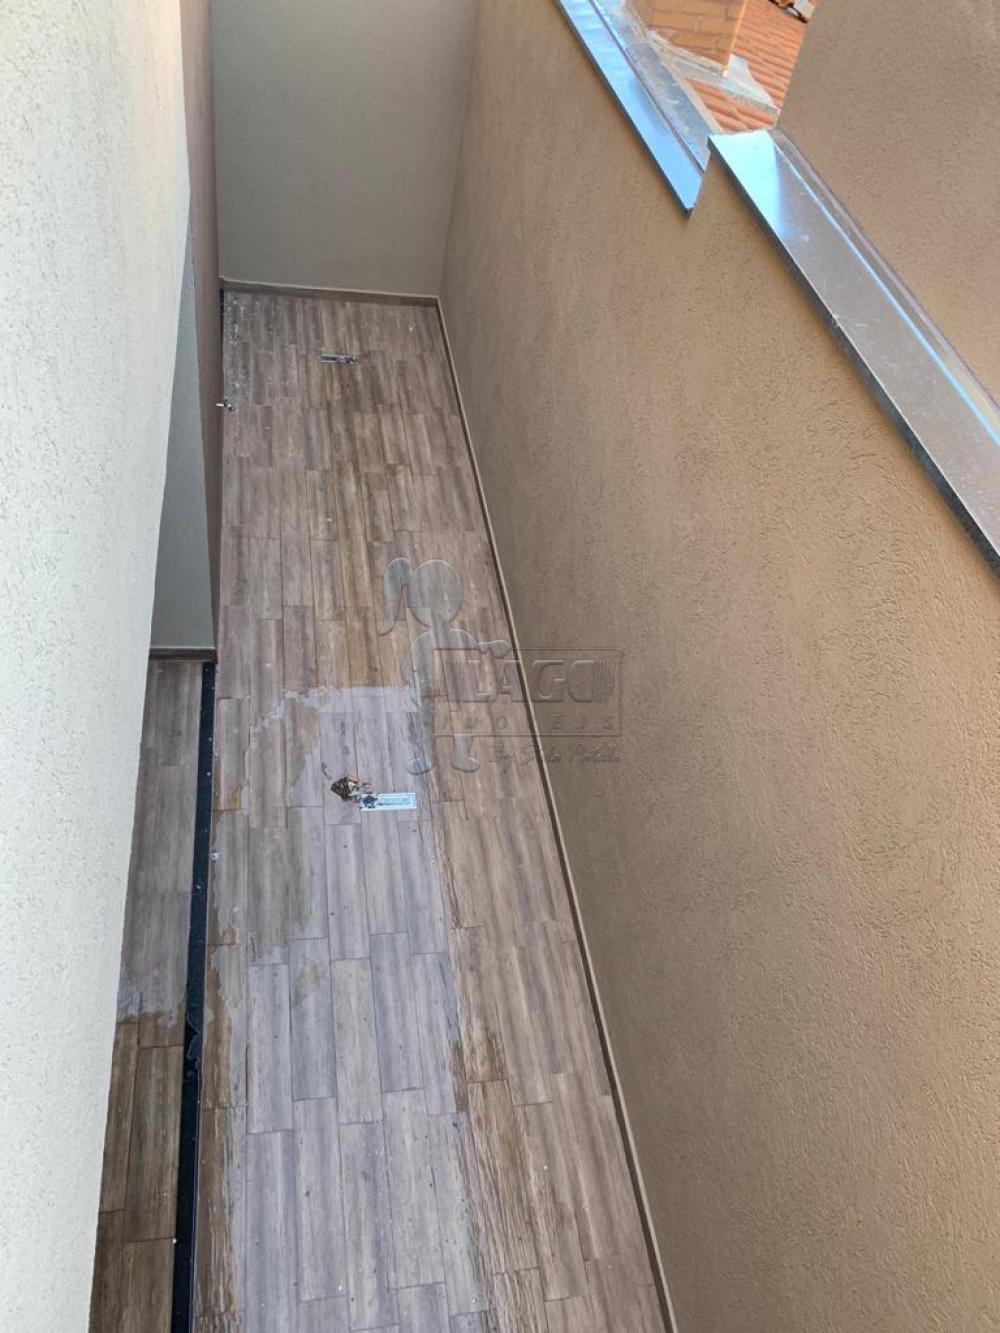 Comprar Apartamento / Padrão em Ribeirão Preto apenas R$ 280.000,00 - Foto 23